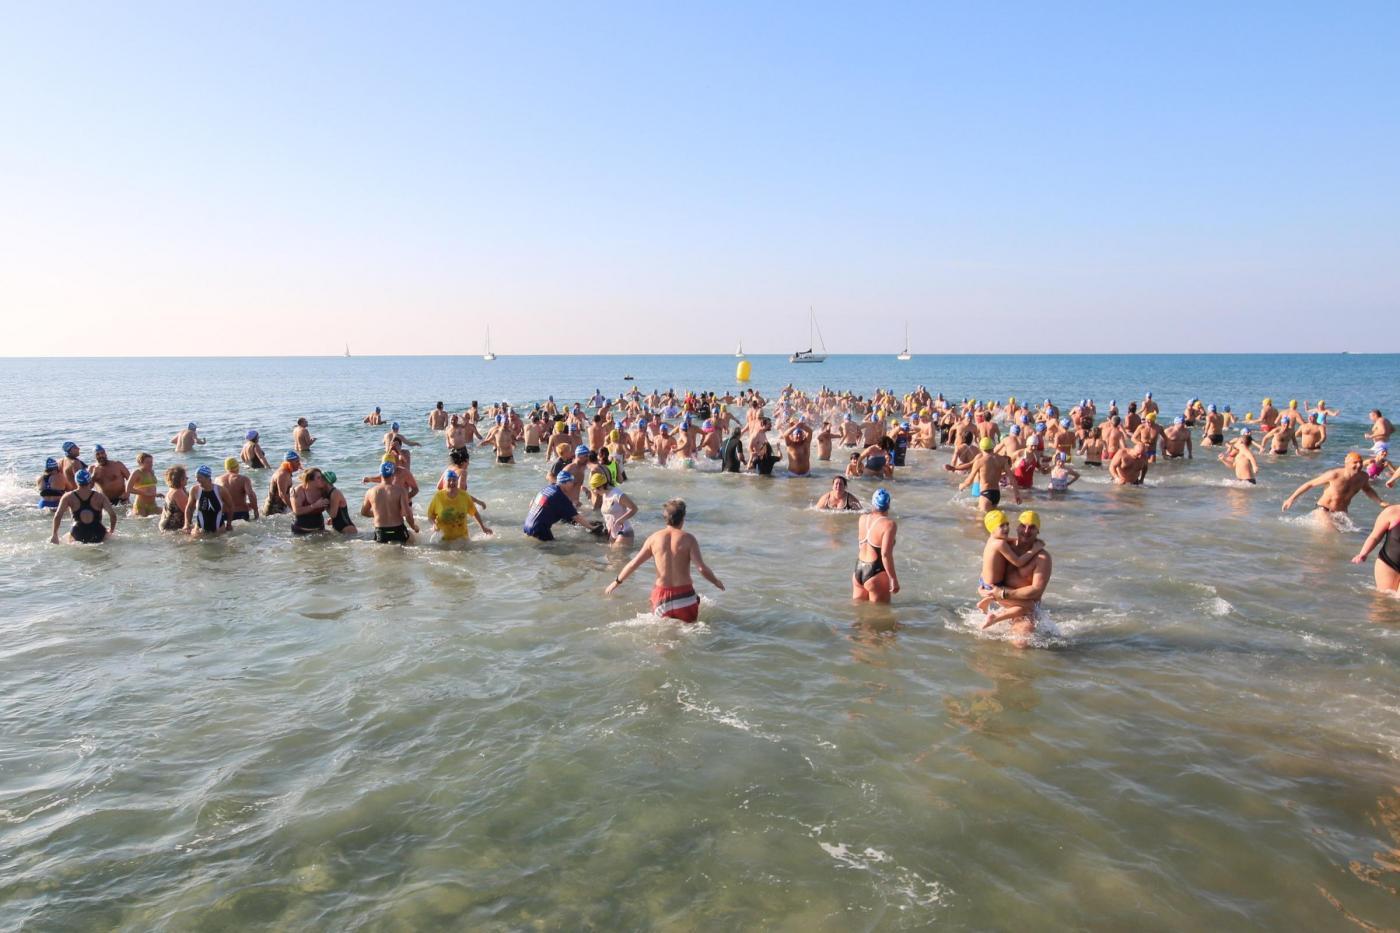 Capodanno a viareggio 300 si tuffano in mare per salutare l 39 anno nuovo foto - Bagno sole viareggio ...